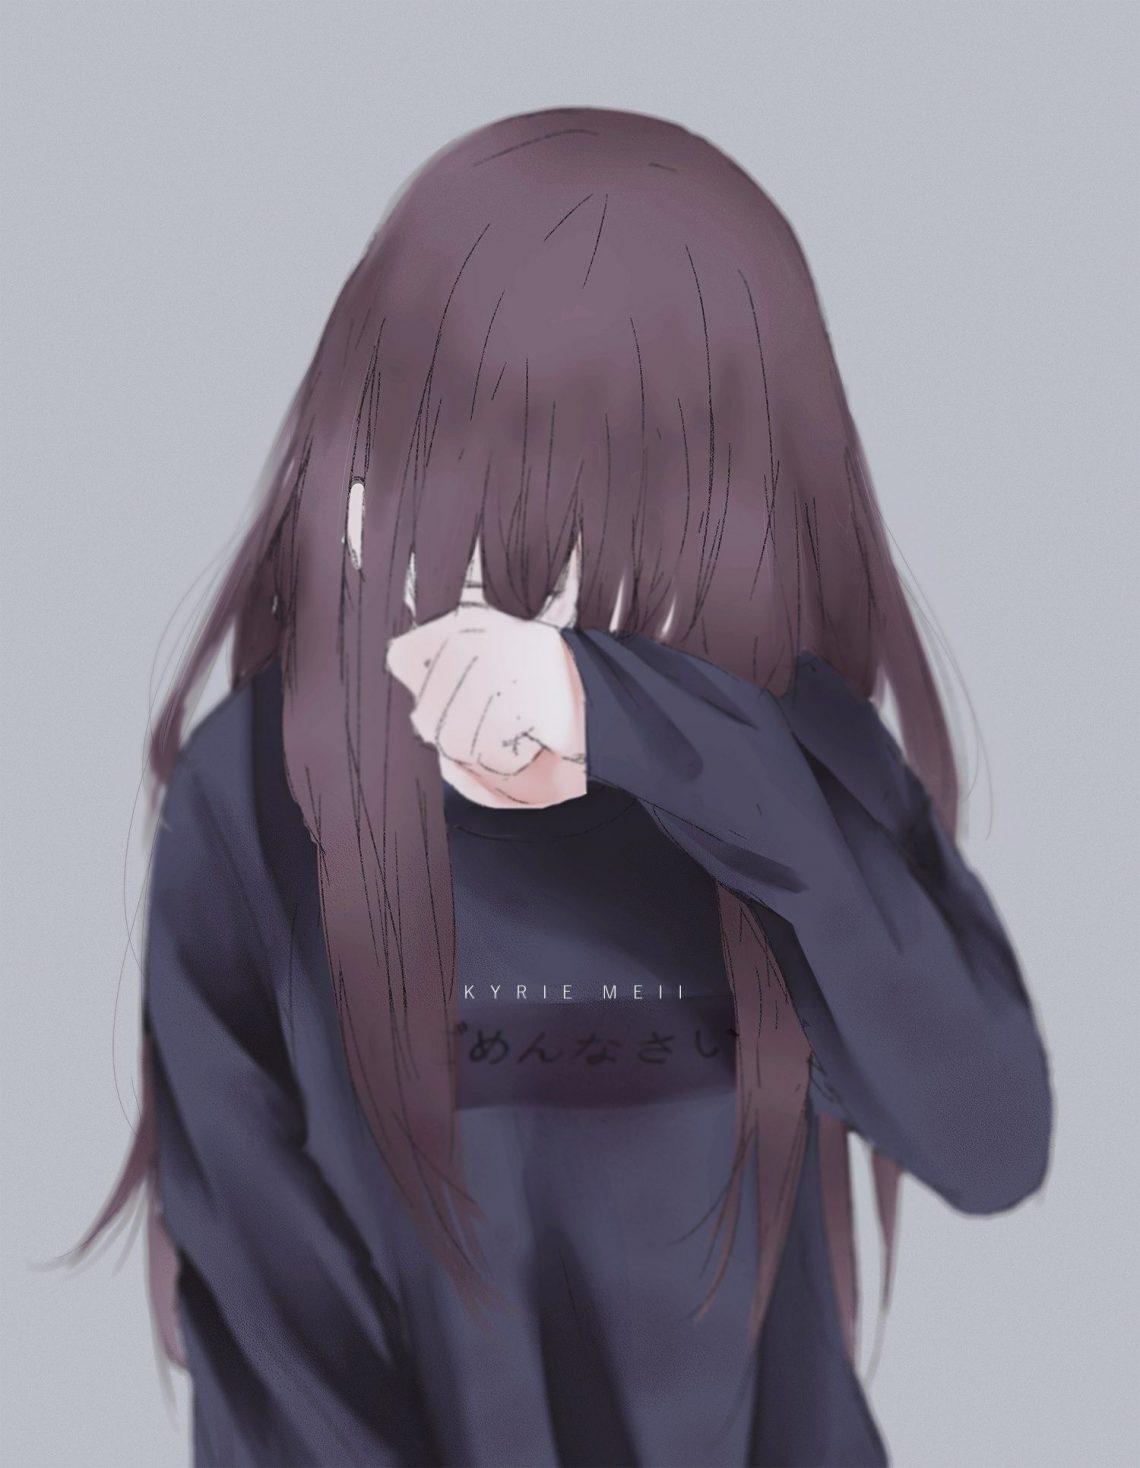 Ảnh 12: Tiếng khóc nghẹn ngào được che đi bởi cái cúi đầu buồn bã của nữ chính trong bức ảnh